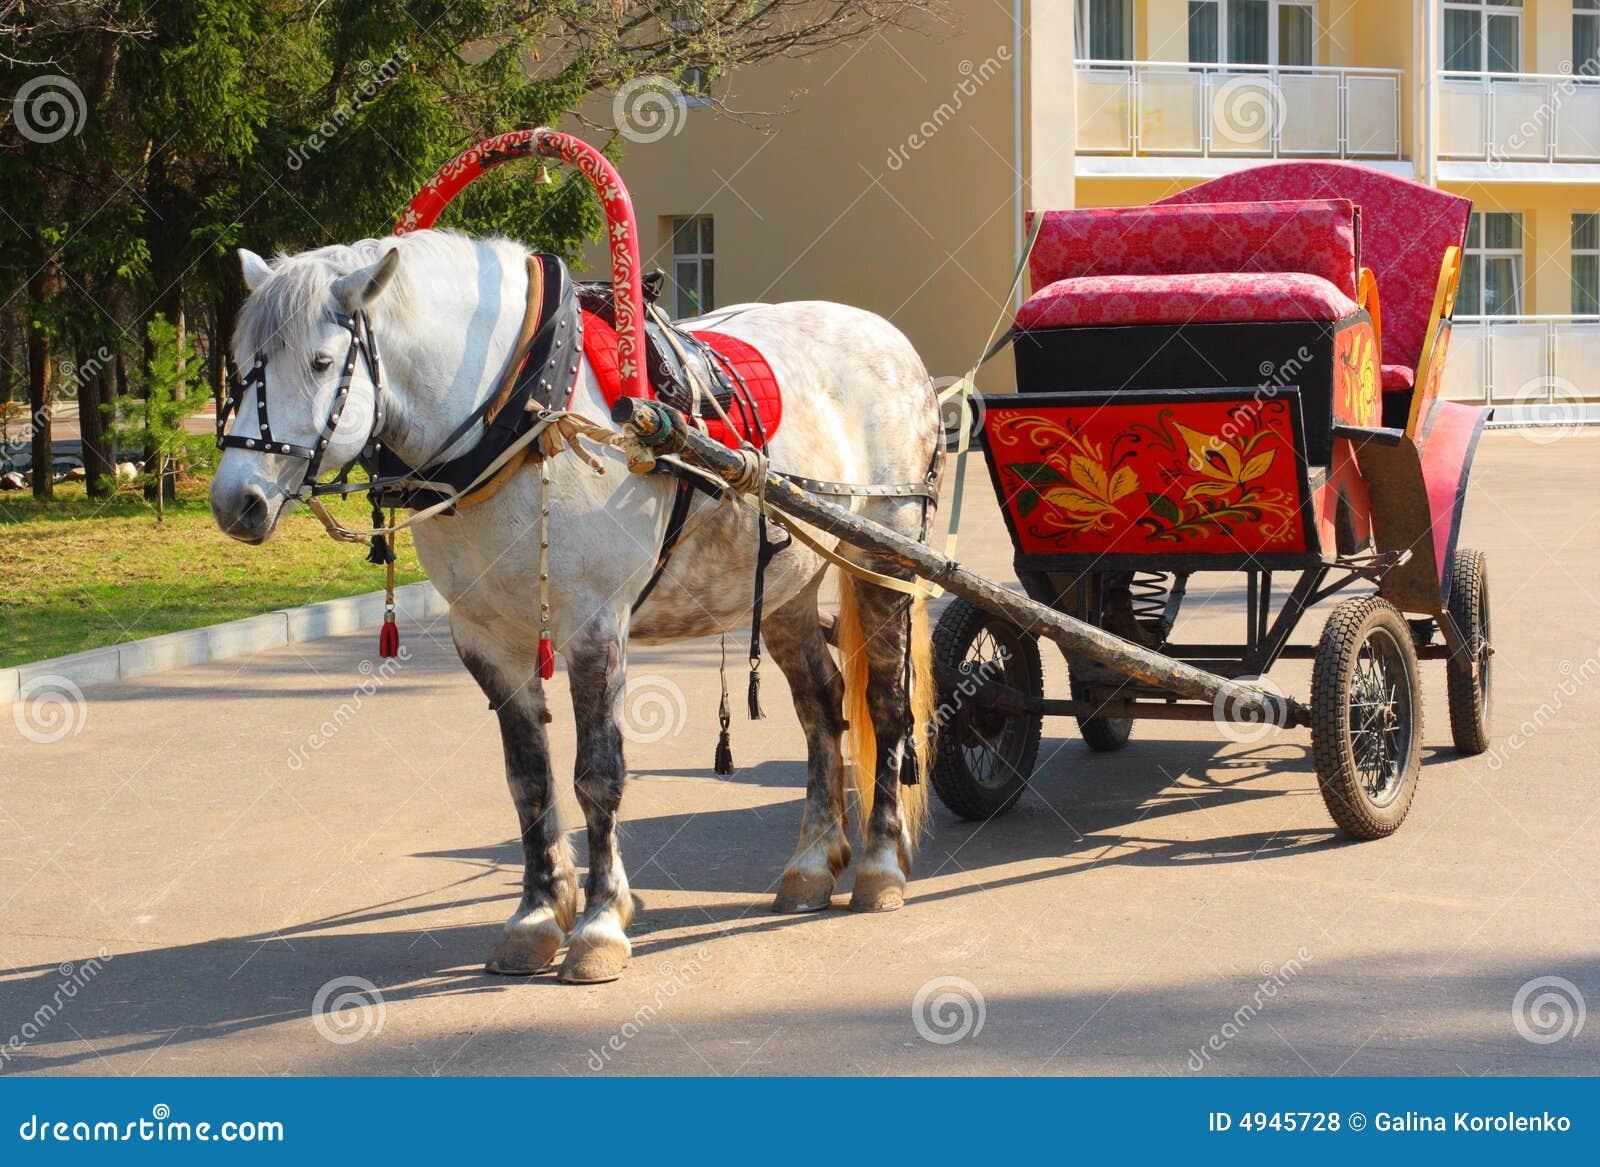 Cavallo Dappled in attrezzo rosso con una tradizione russa